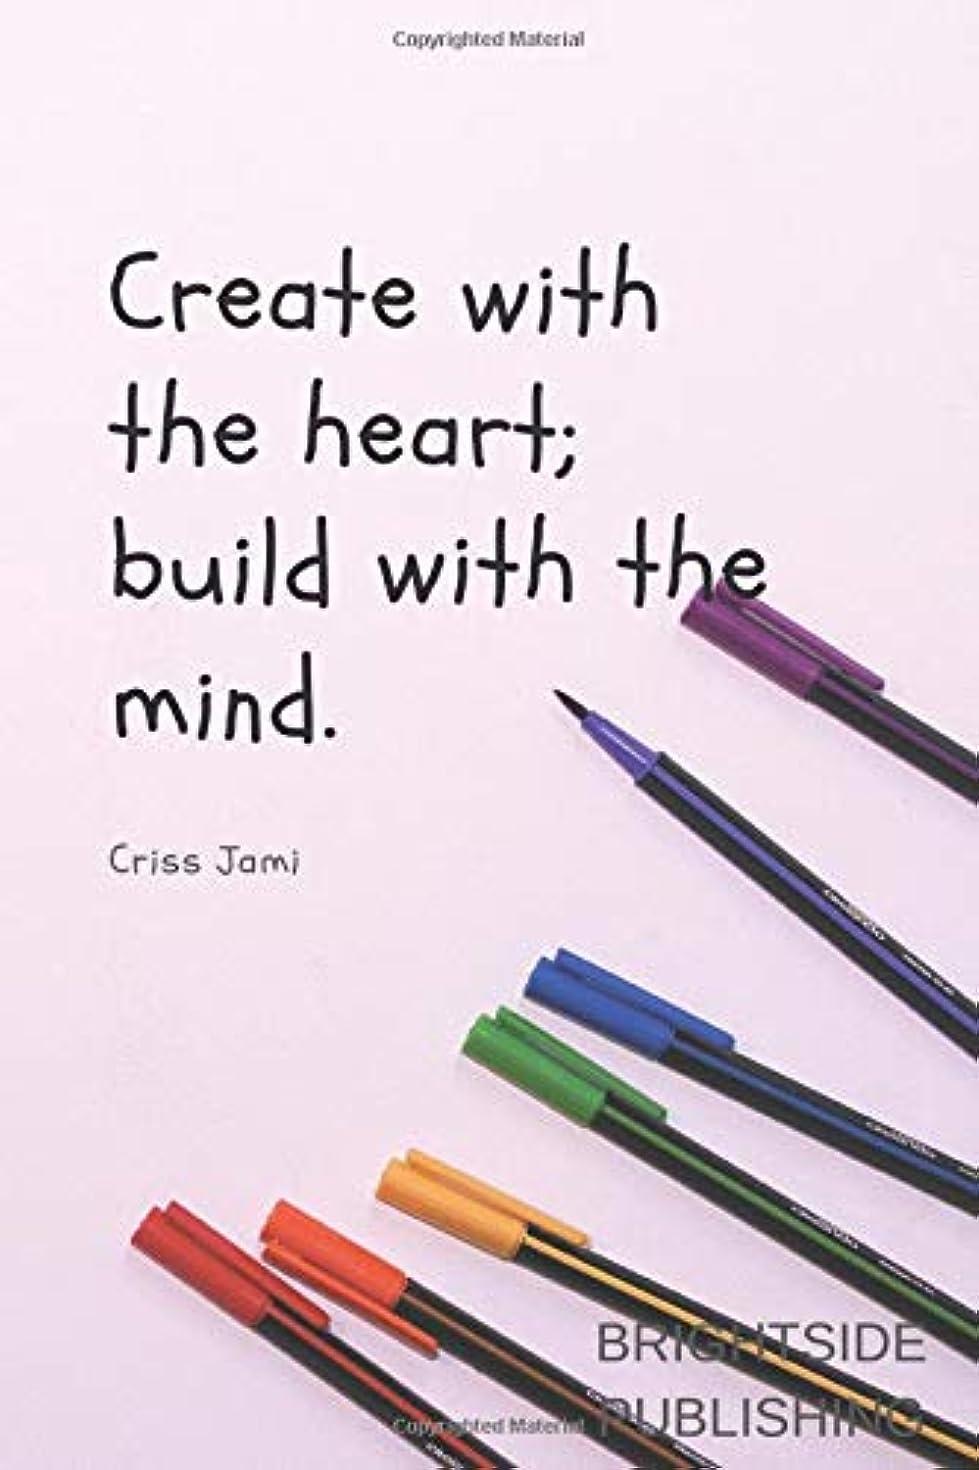 メタルライン経由でわがままCreate with the heart; build with the mind: Motivational Notebook, Journal, Diary (110 Pages, Blank, 6 x 9)